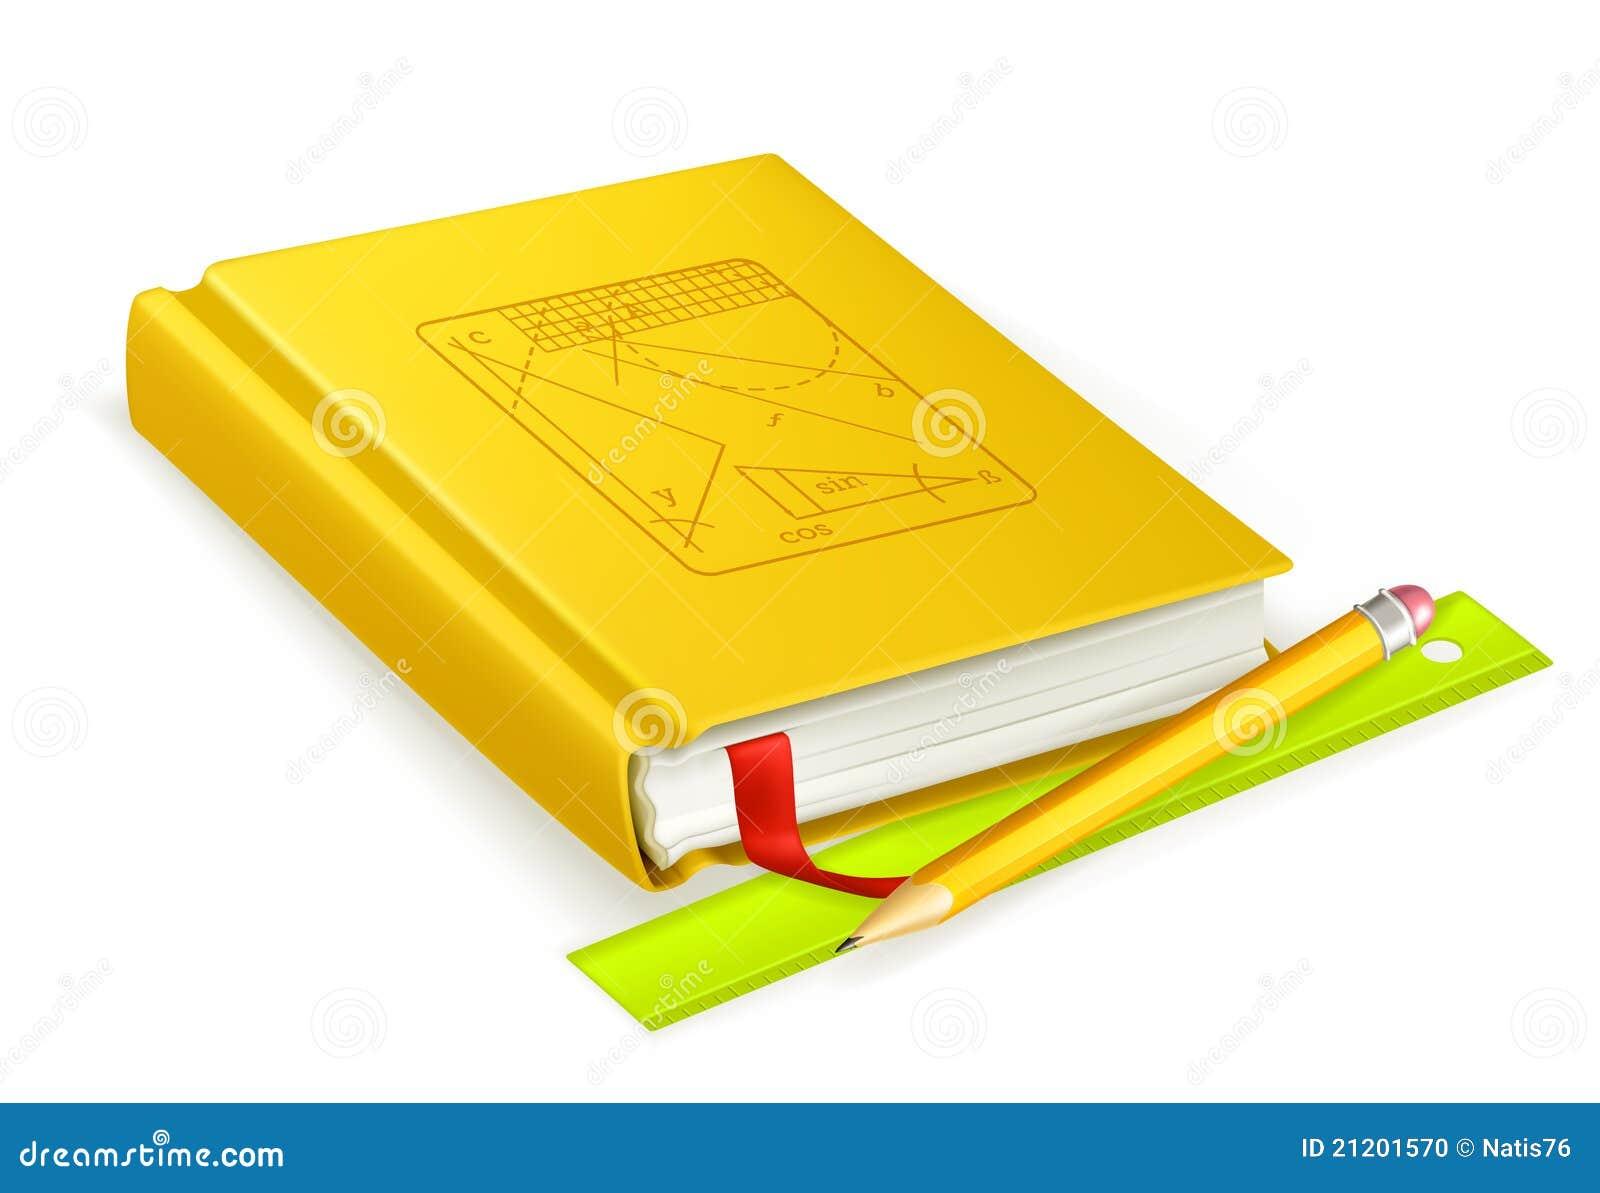 Download Free Font Century Schoolbook